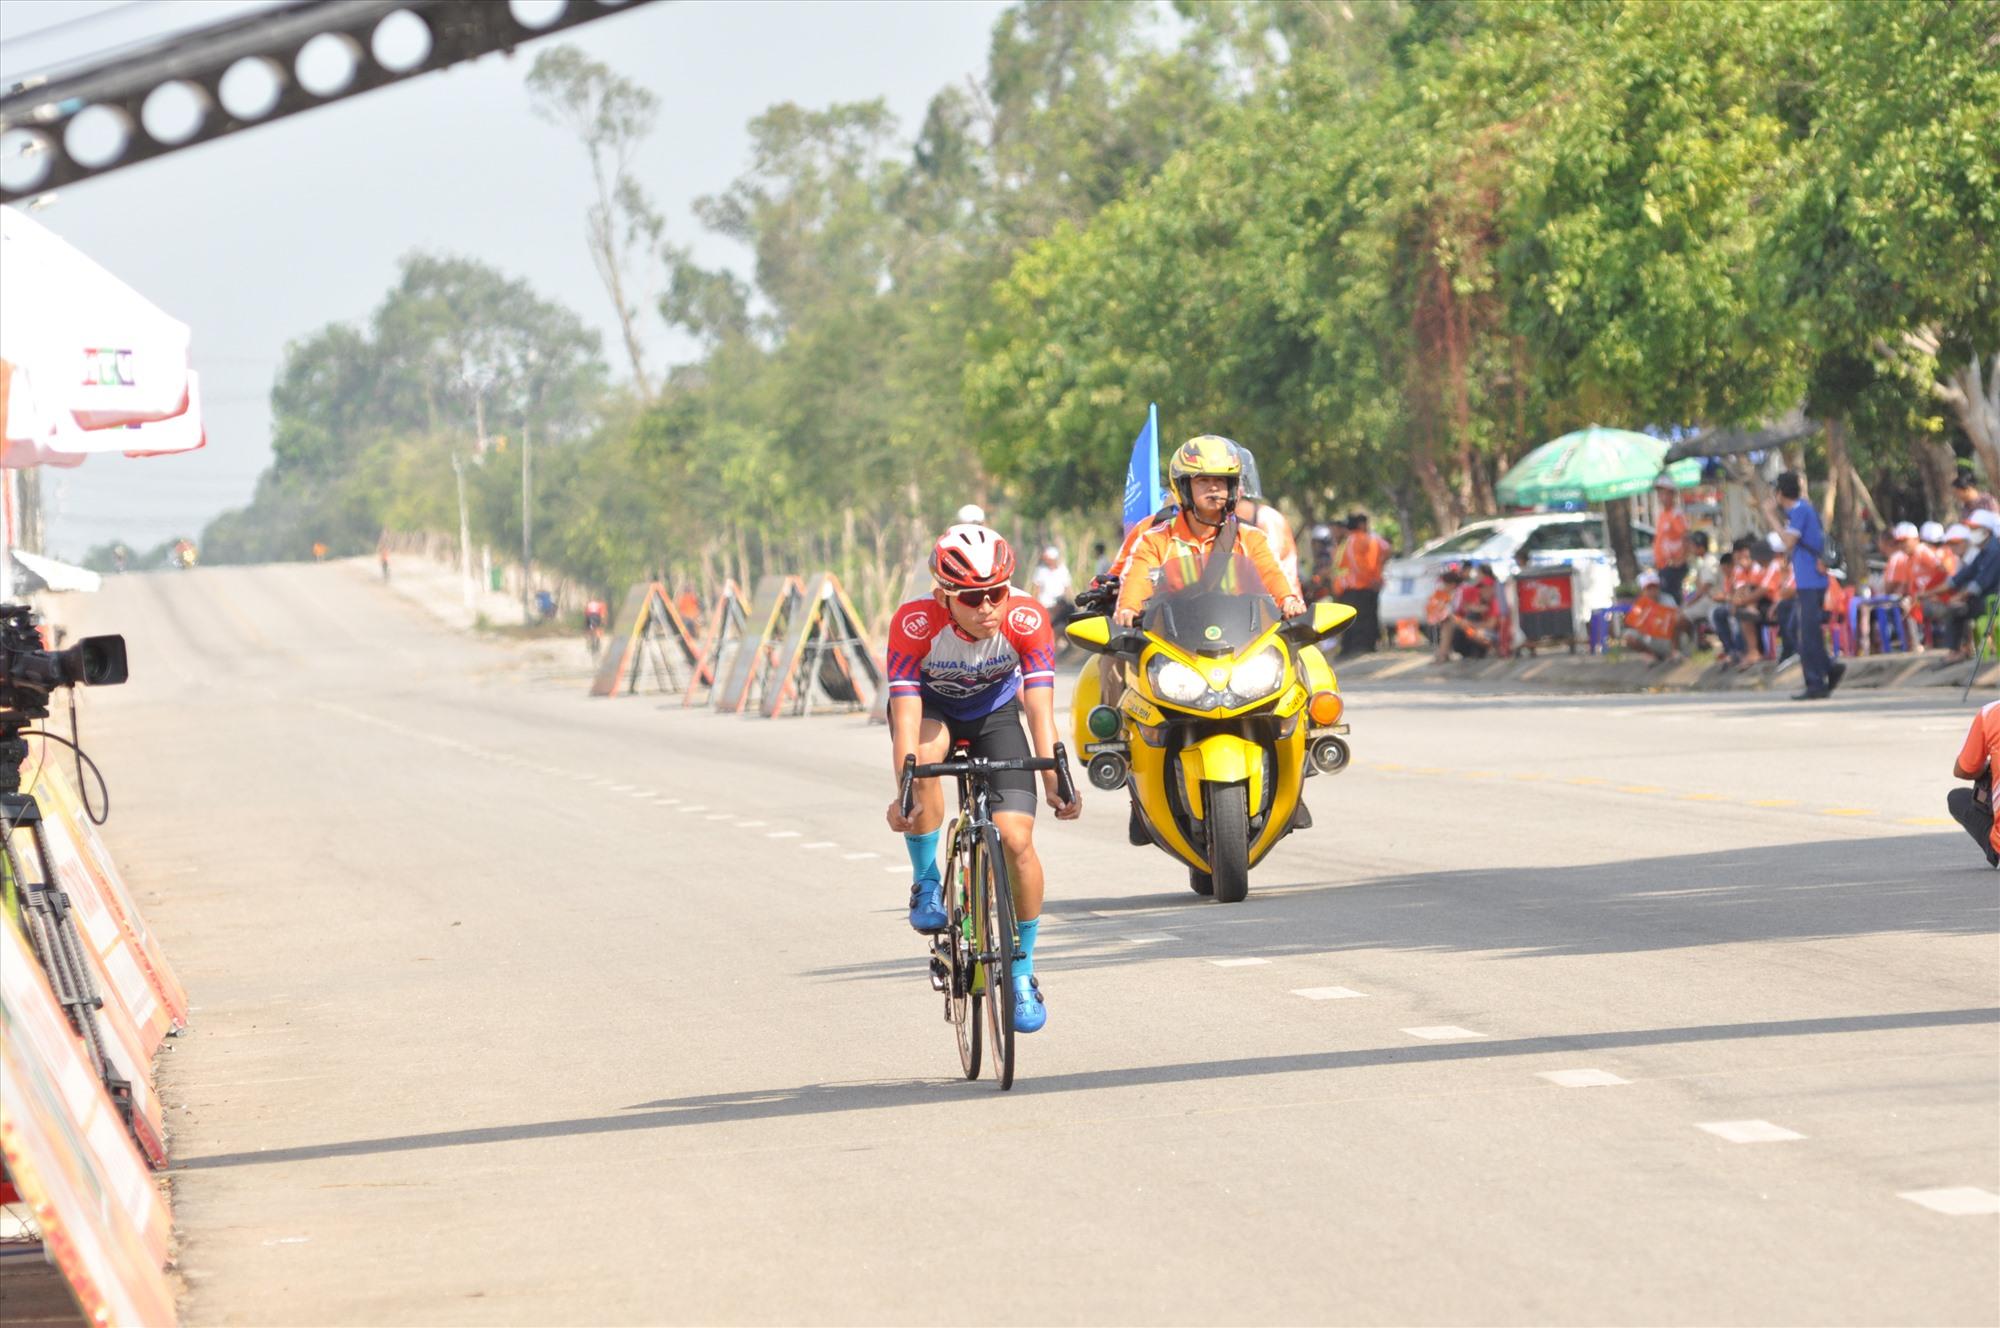 Đường đua phẳng, rộng tạo điều kiện thuận lợi cho các tay đua thi tài. Ảnh: T.VY